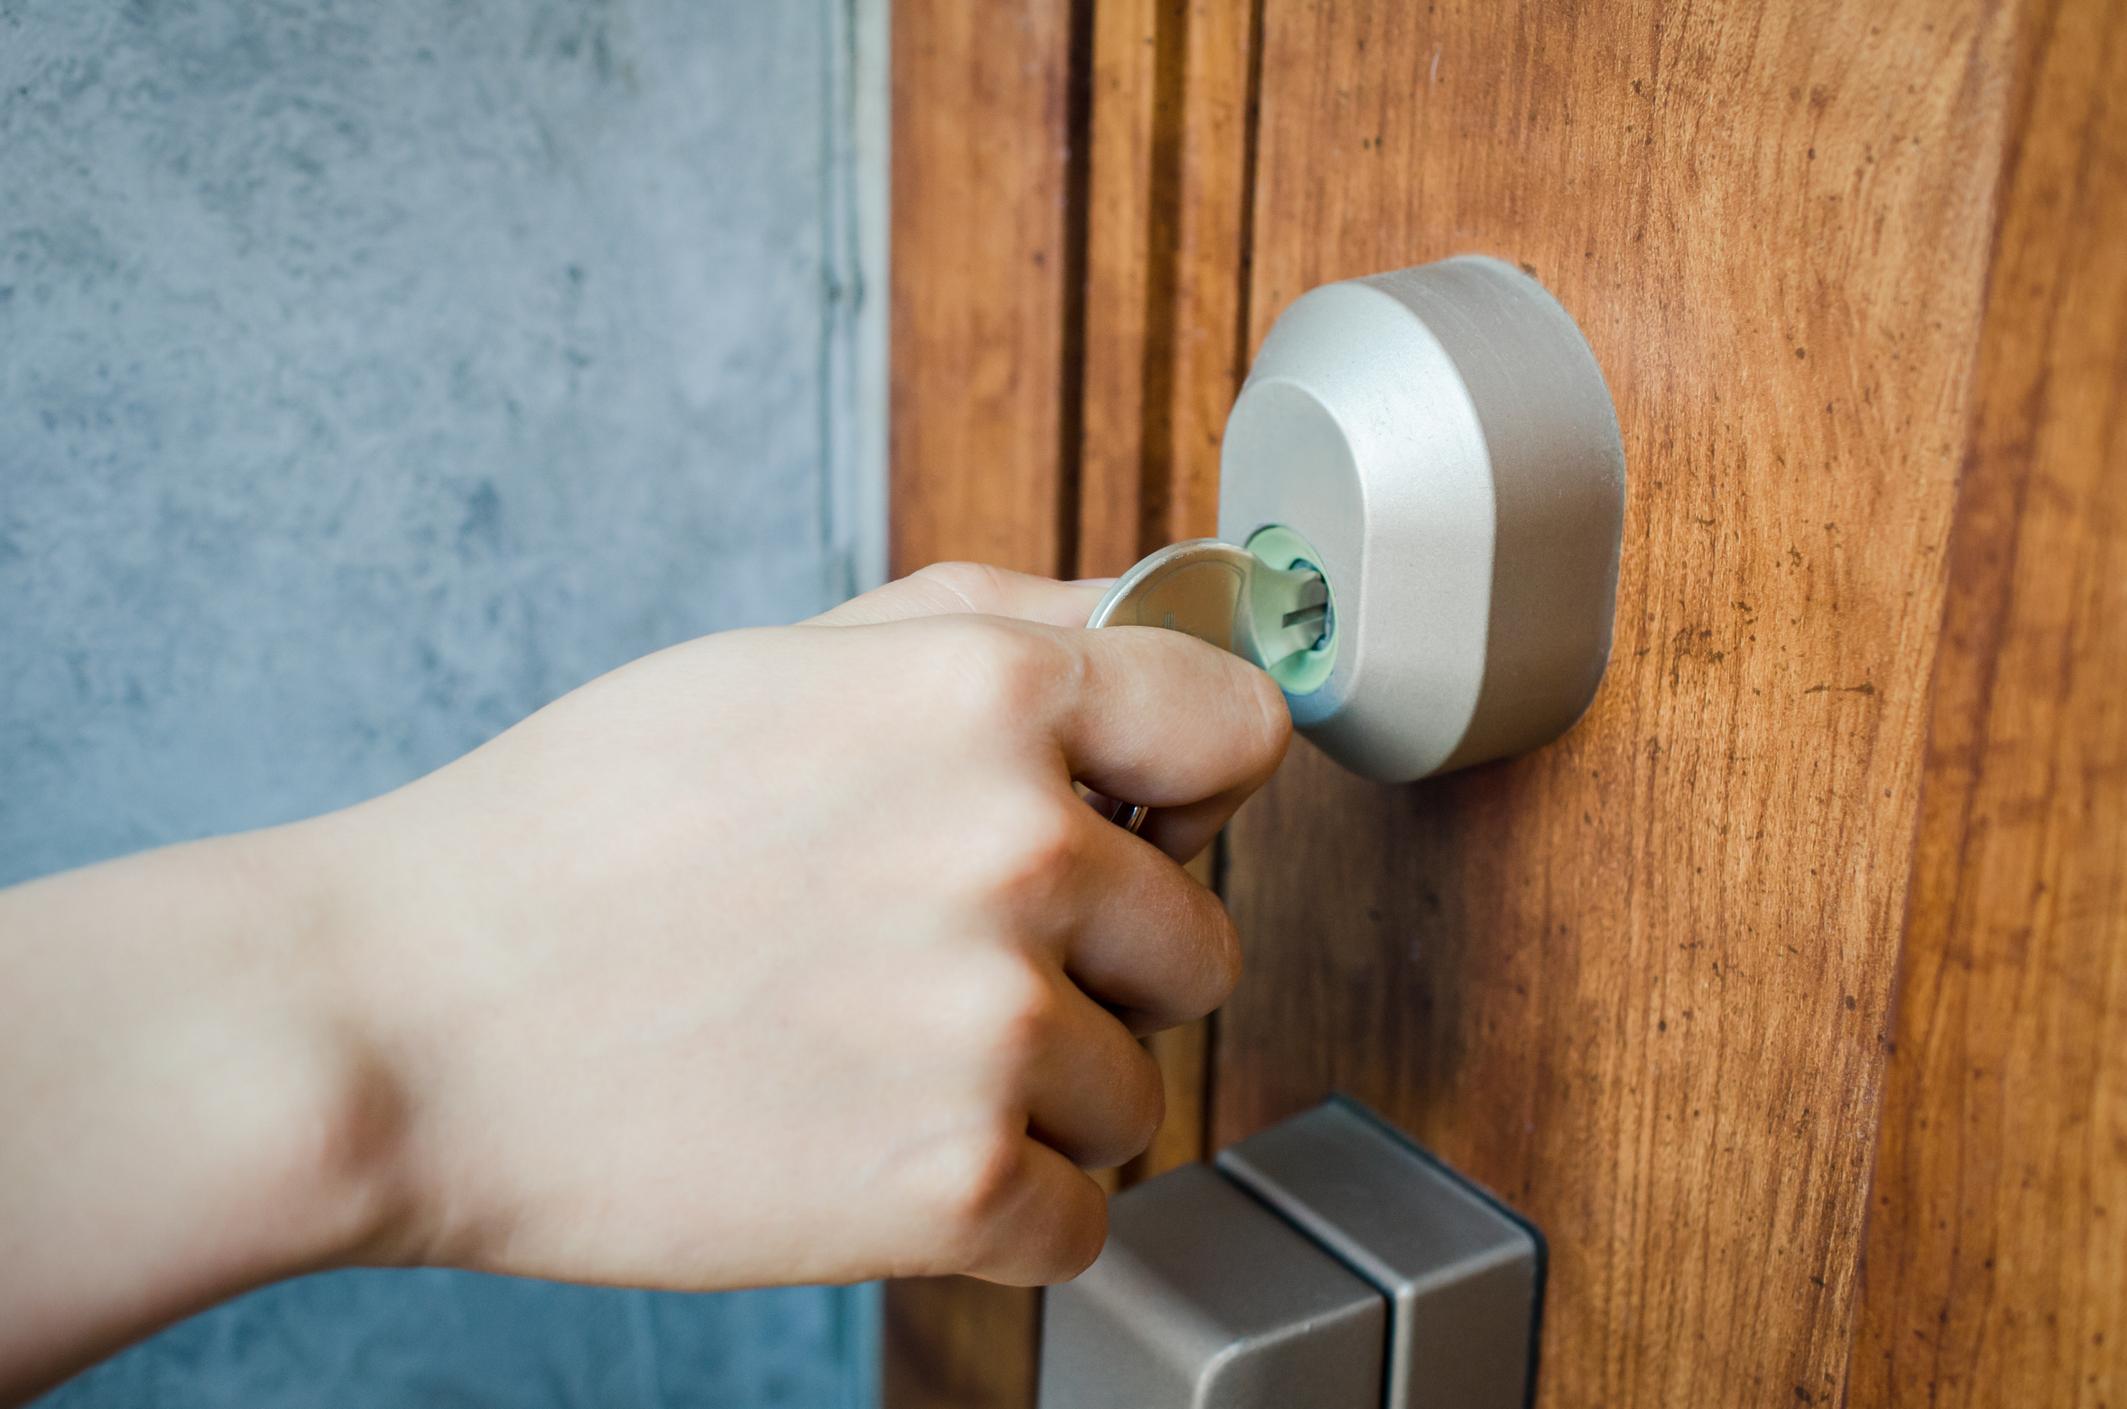 Qu'est-ce qui peut déterminer la résistance de votre porte?